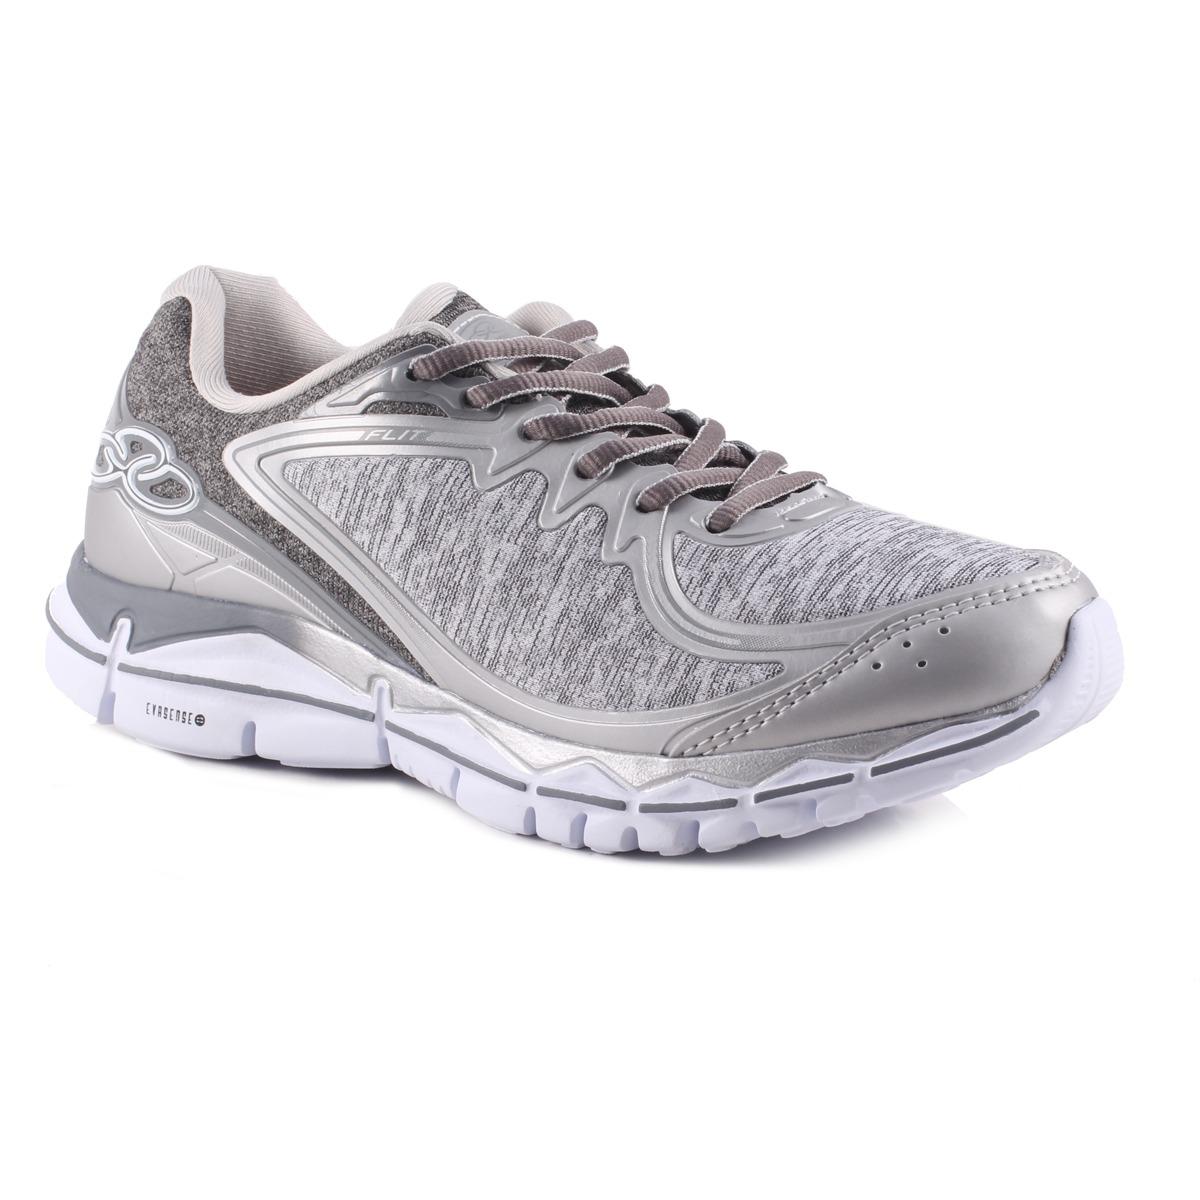 tênis feminino olympikus flit prata cinza caminhada corrida. Carregando  zoom. 377fe0353e60d